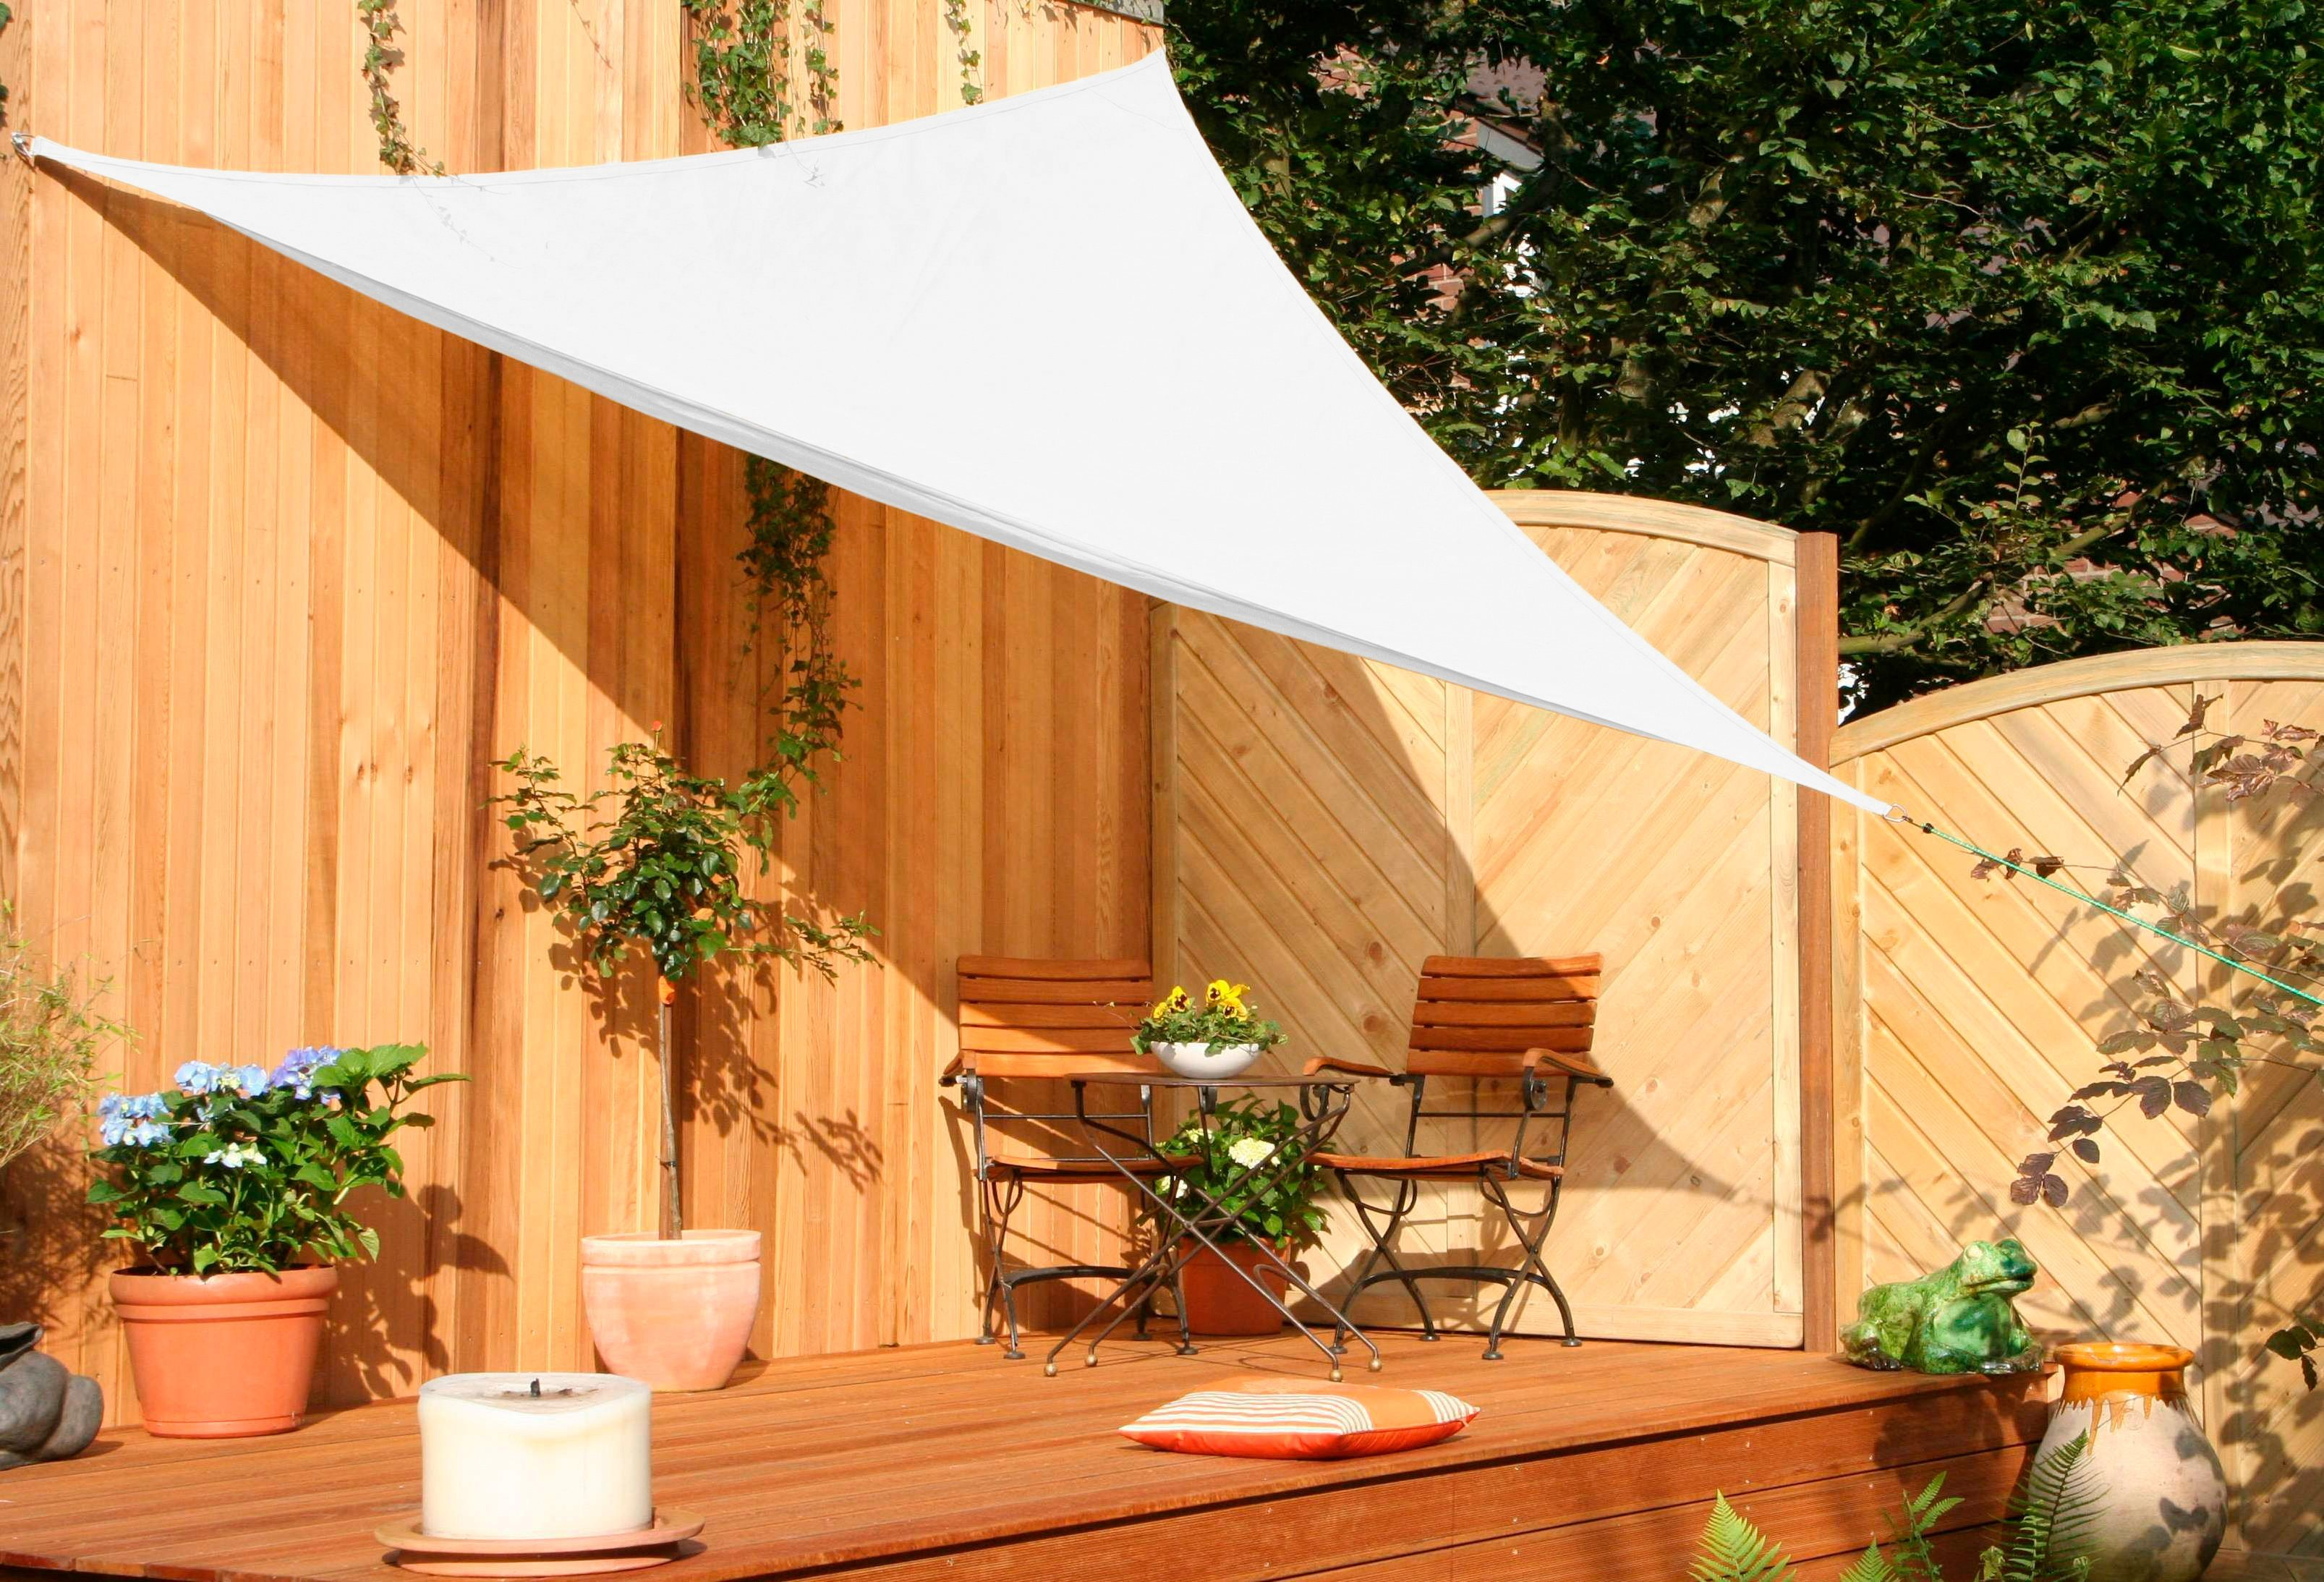 FLORACORD Sonnensegel , B: 360 cm, cremeweiß | Garten > Sonnenschirme und Markisen > Sonnensegel | Polyethylen | Floracord